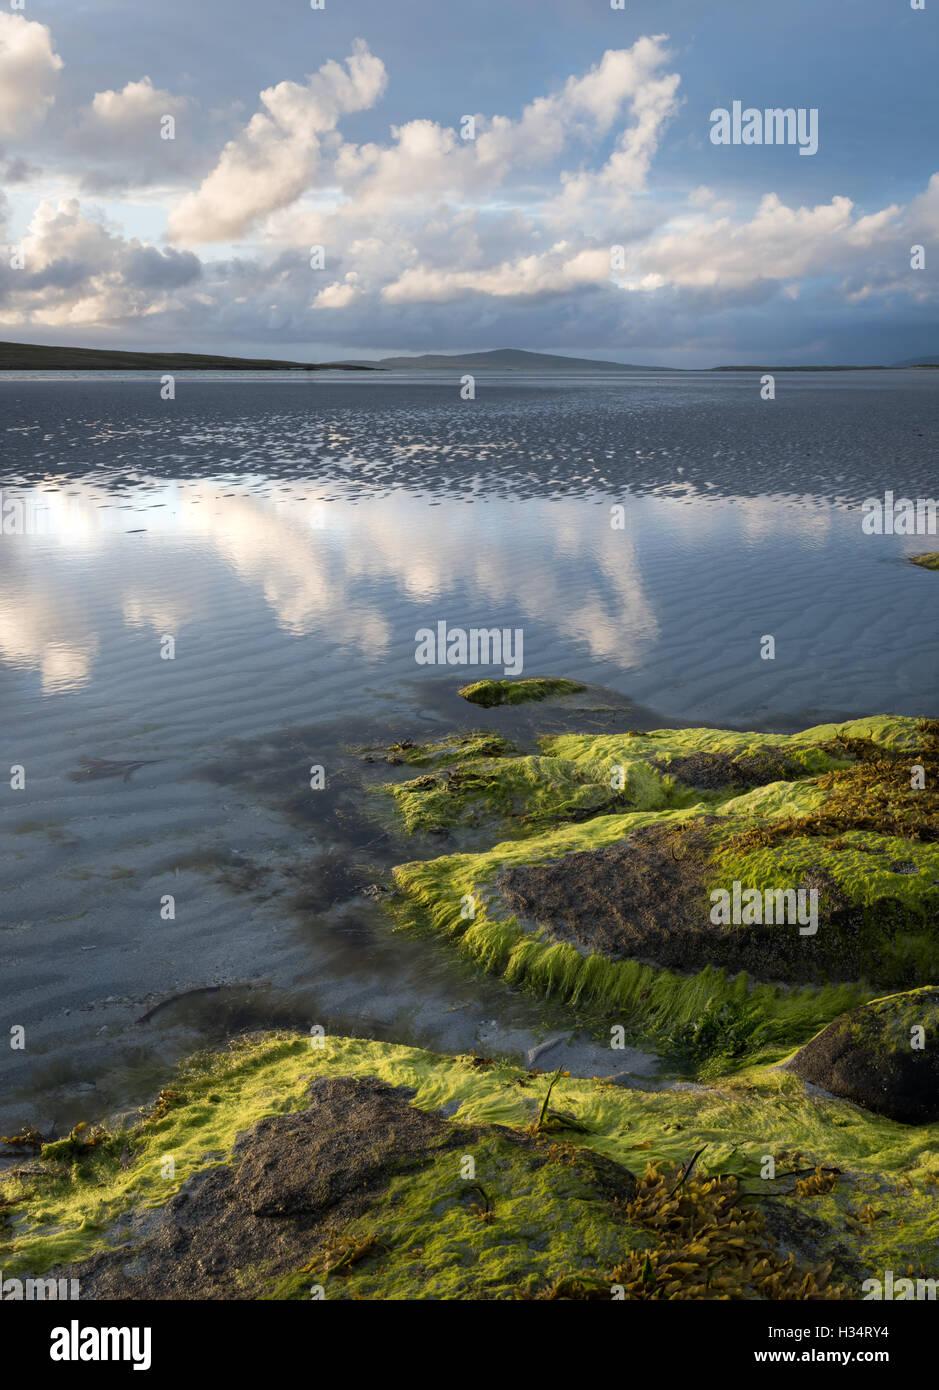 Strand-Reflexionen, North Uist, äußeren Hebriden, Western Isles, Schottland Stockfoto